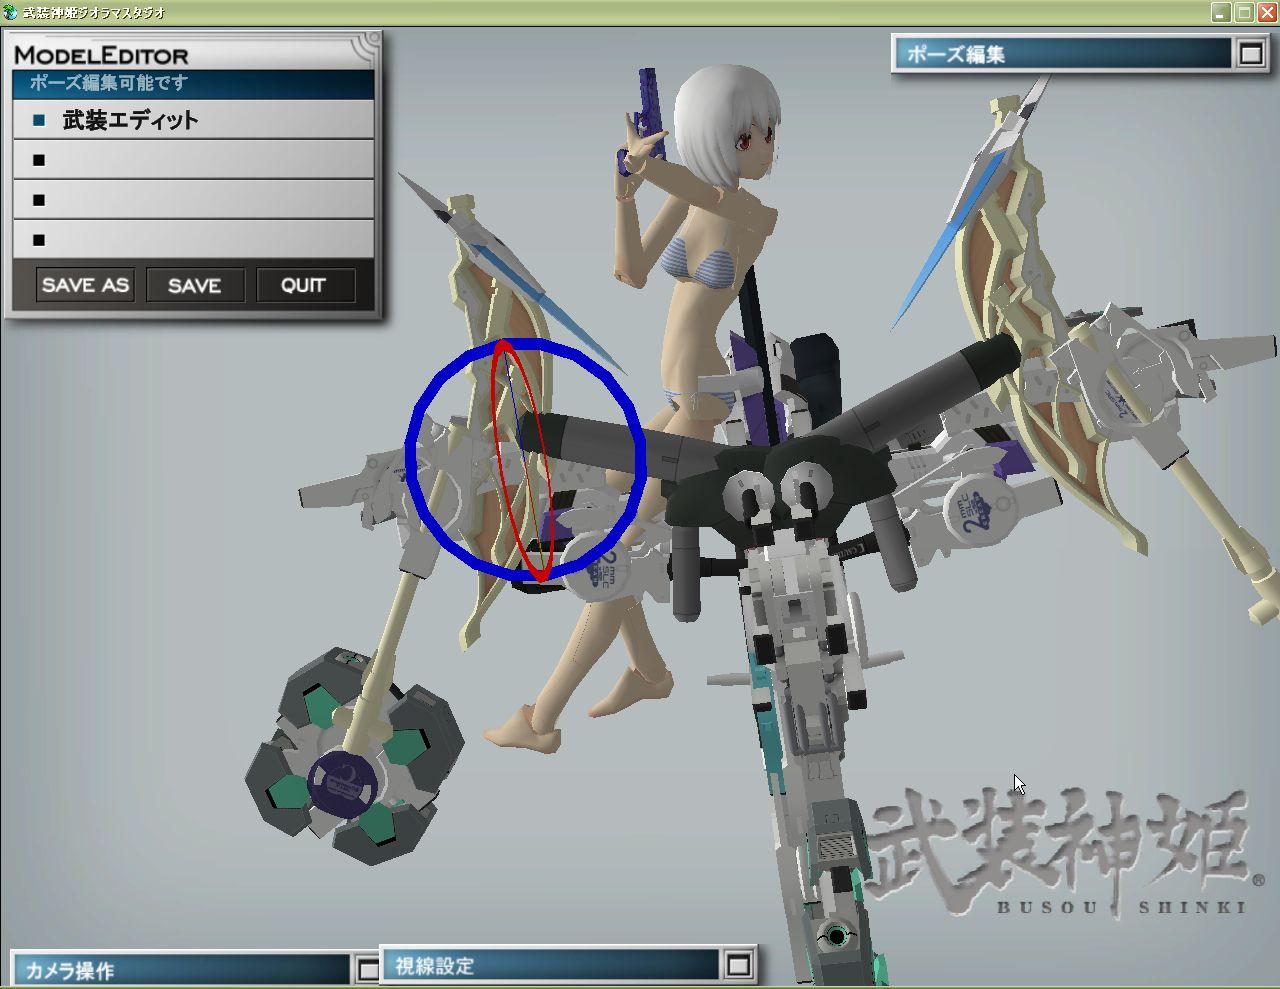 バイク分解 (3)